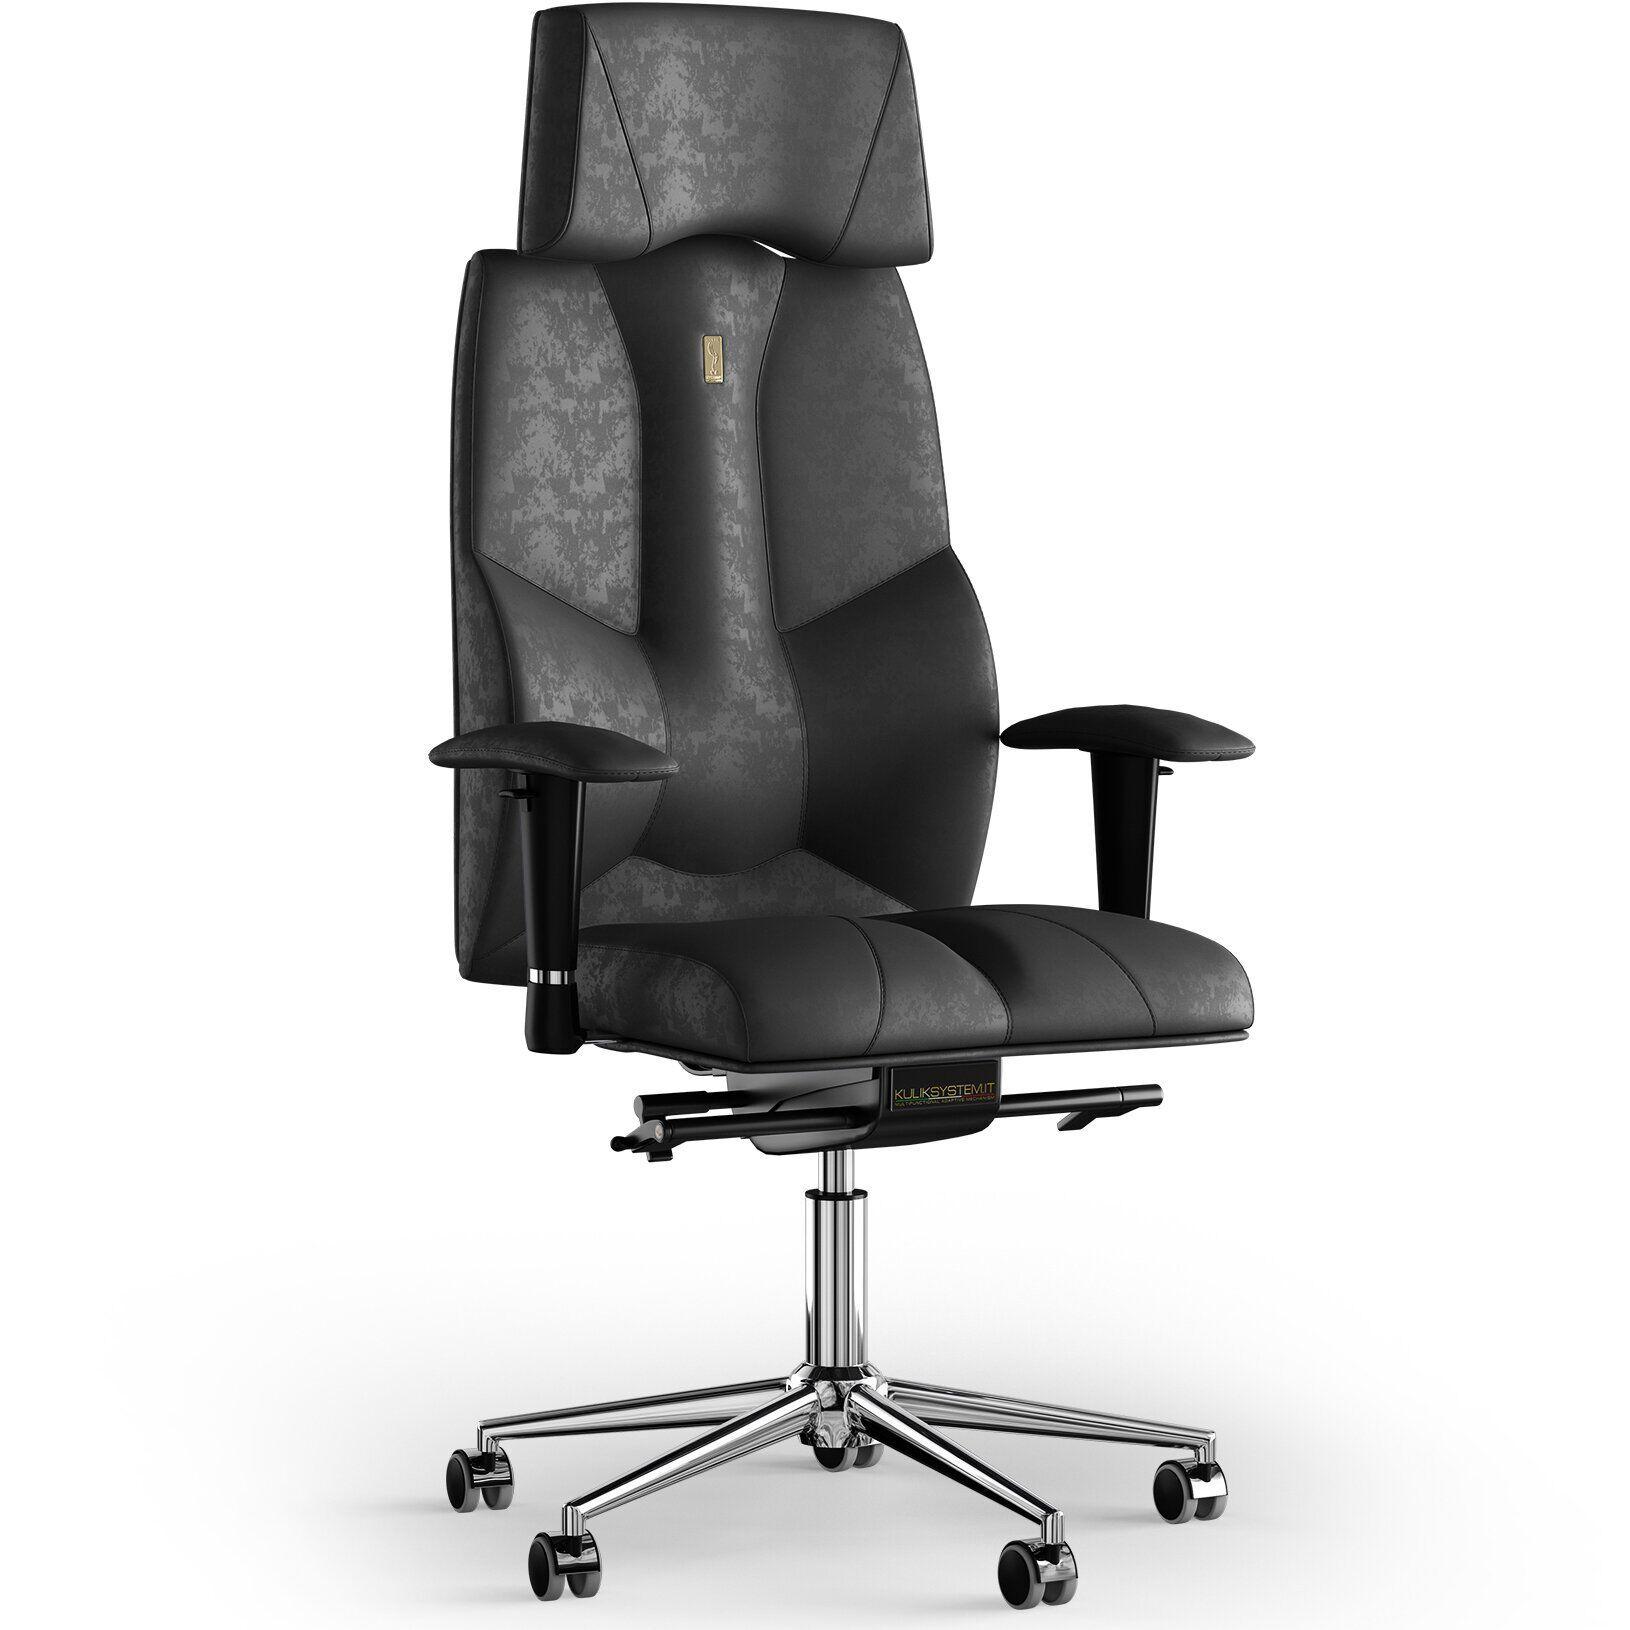 Кресло KULIK SYSTEM BUSINESS Антара с подголовником без строчки